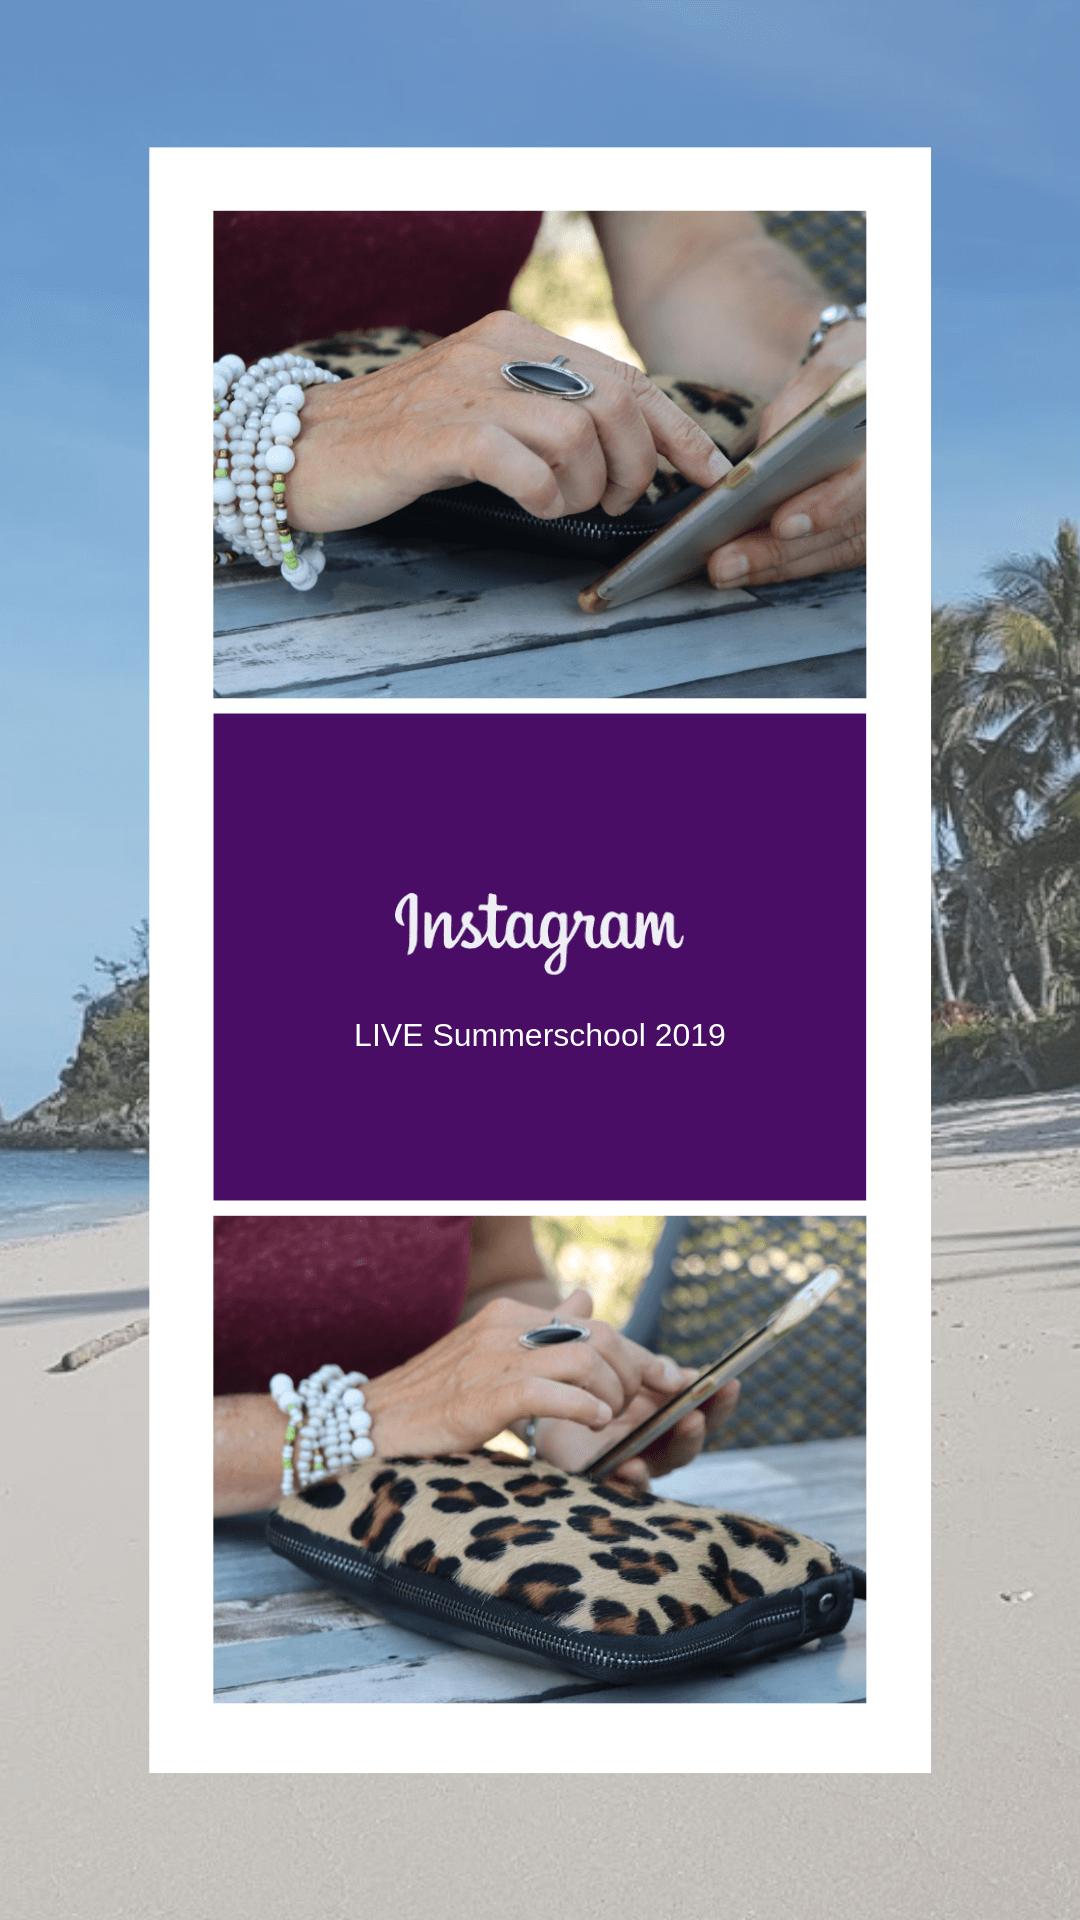 Instagram LIVE Summerschool 2019